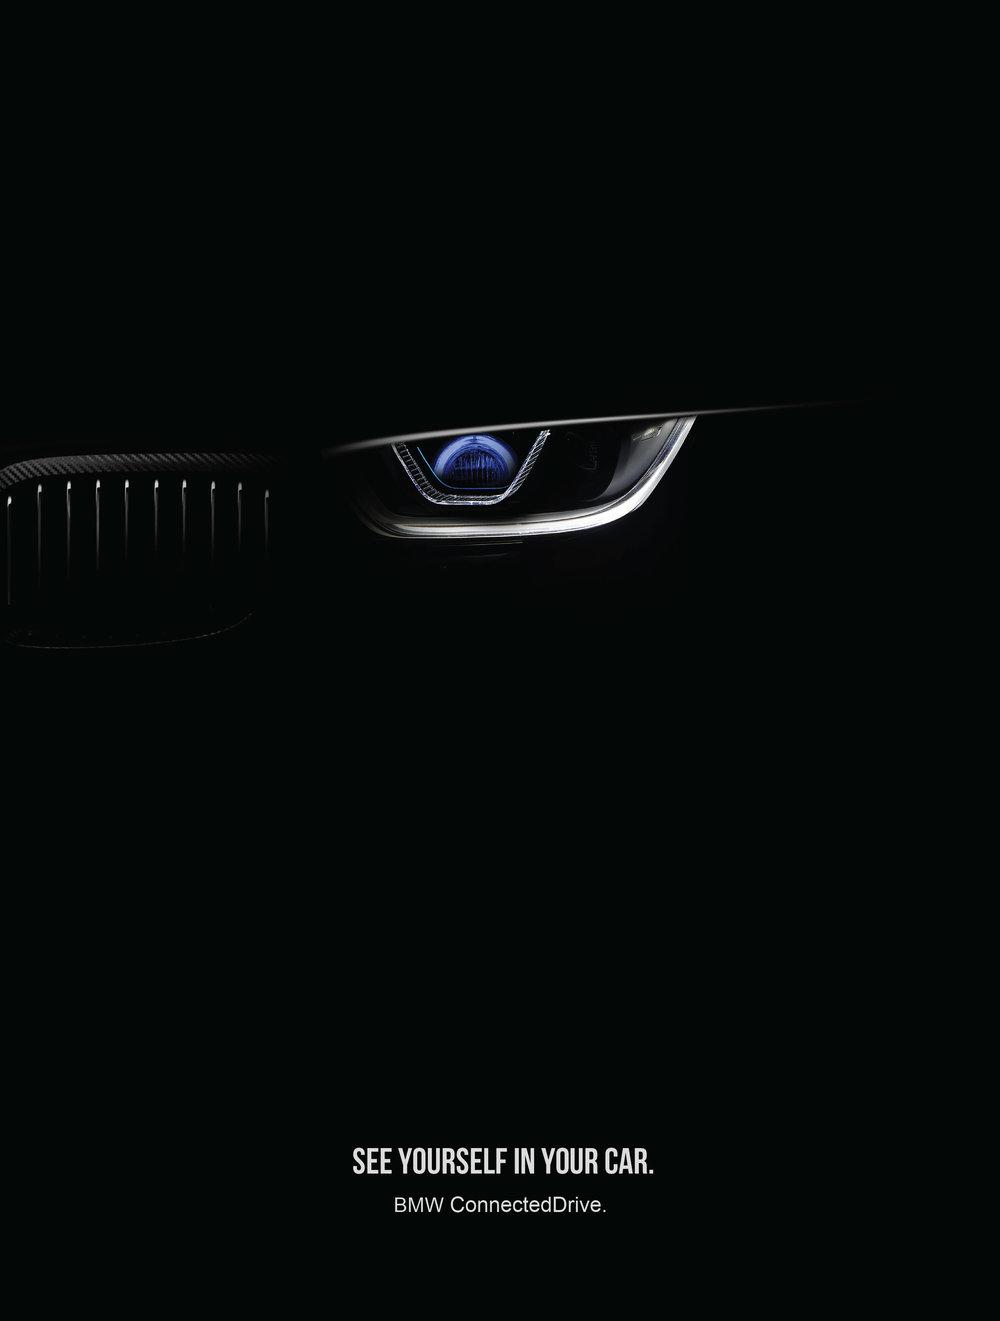 BMW_see.jpg